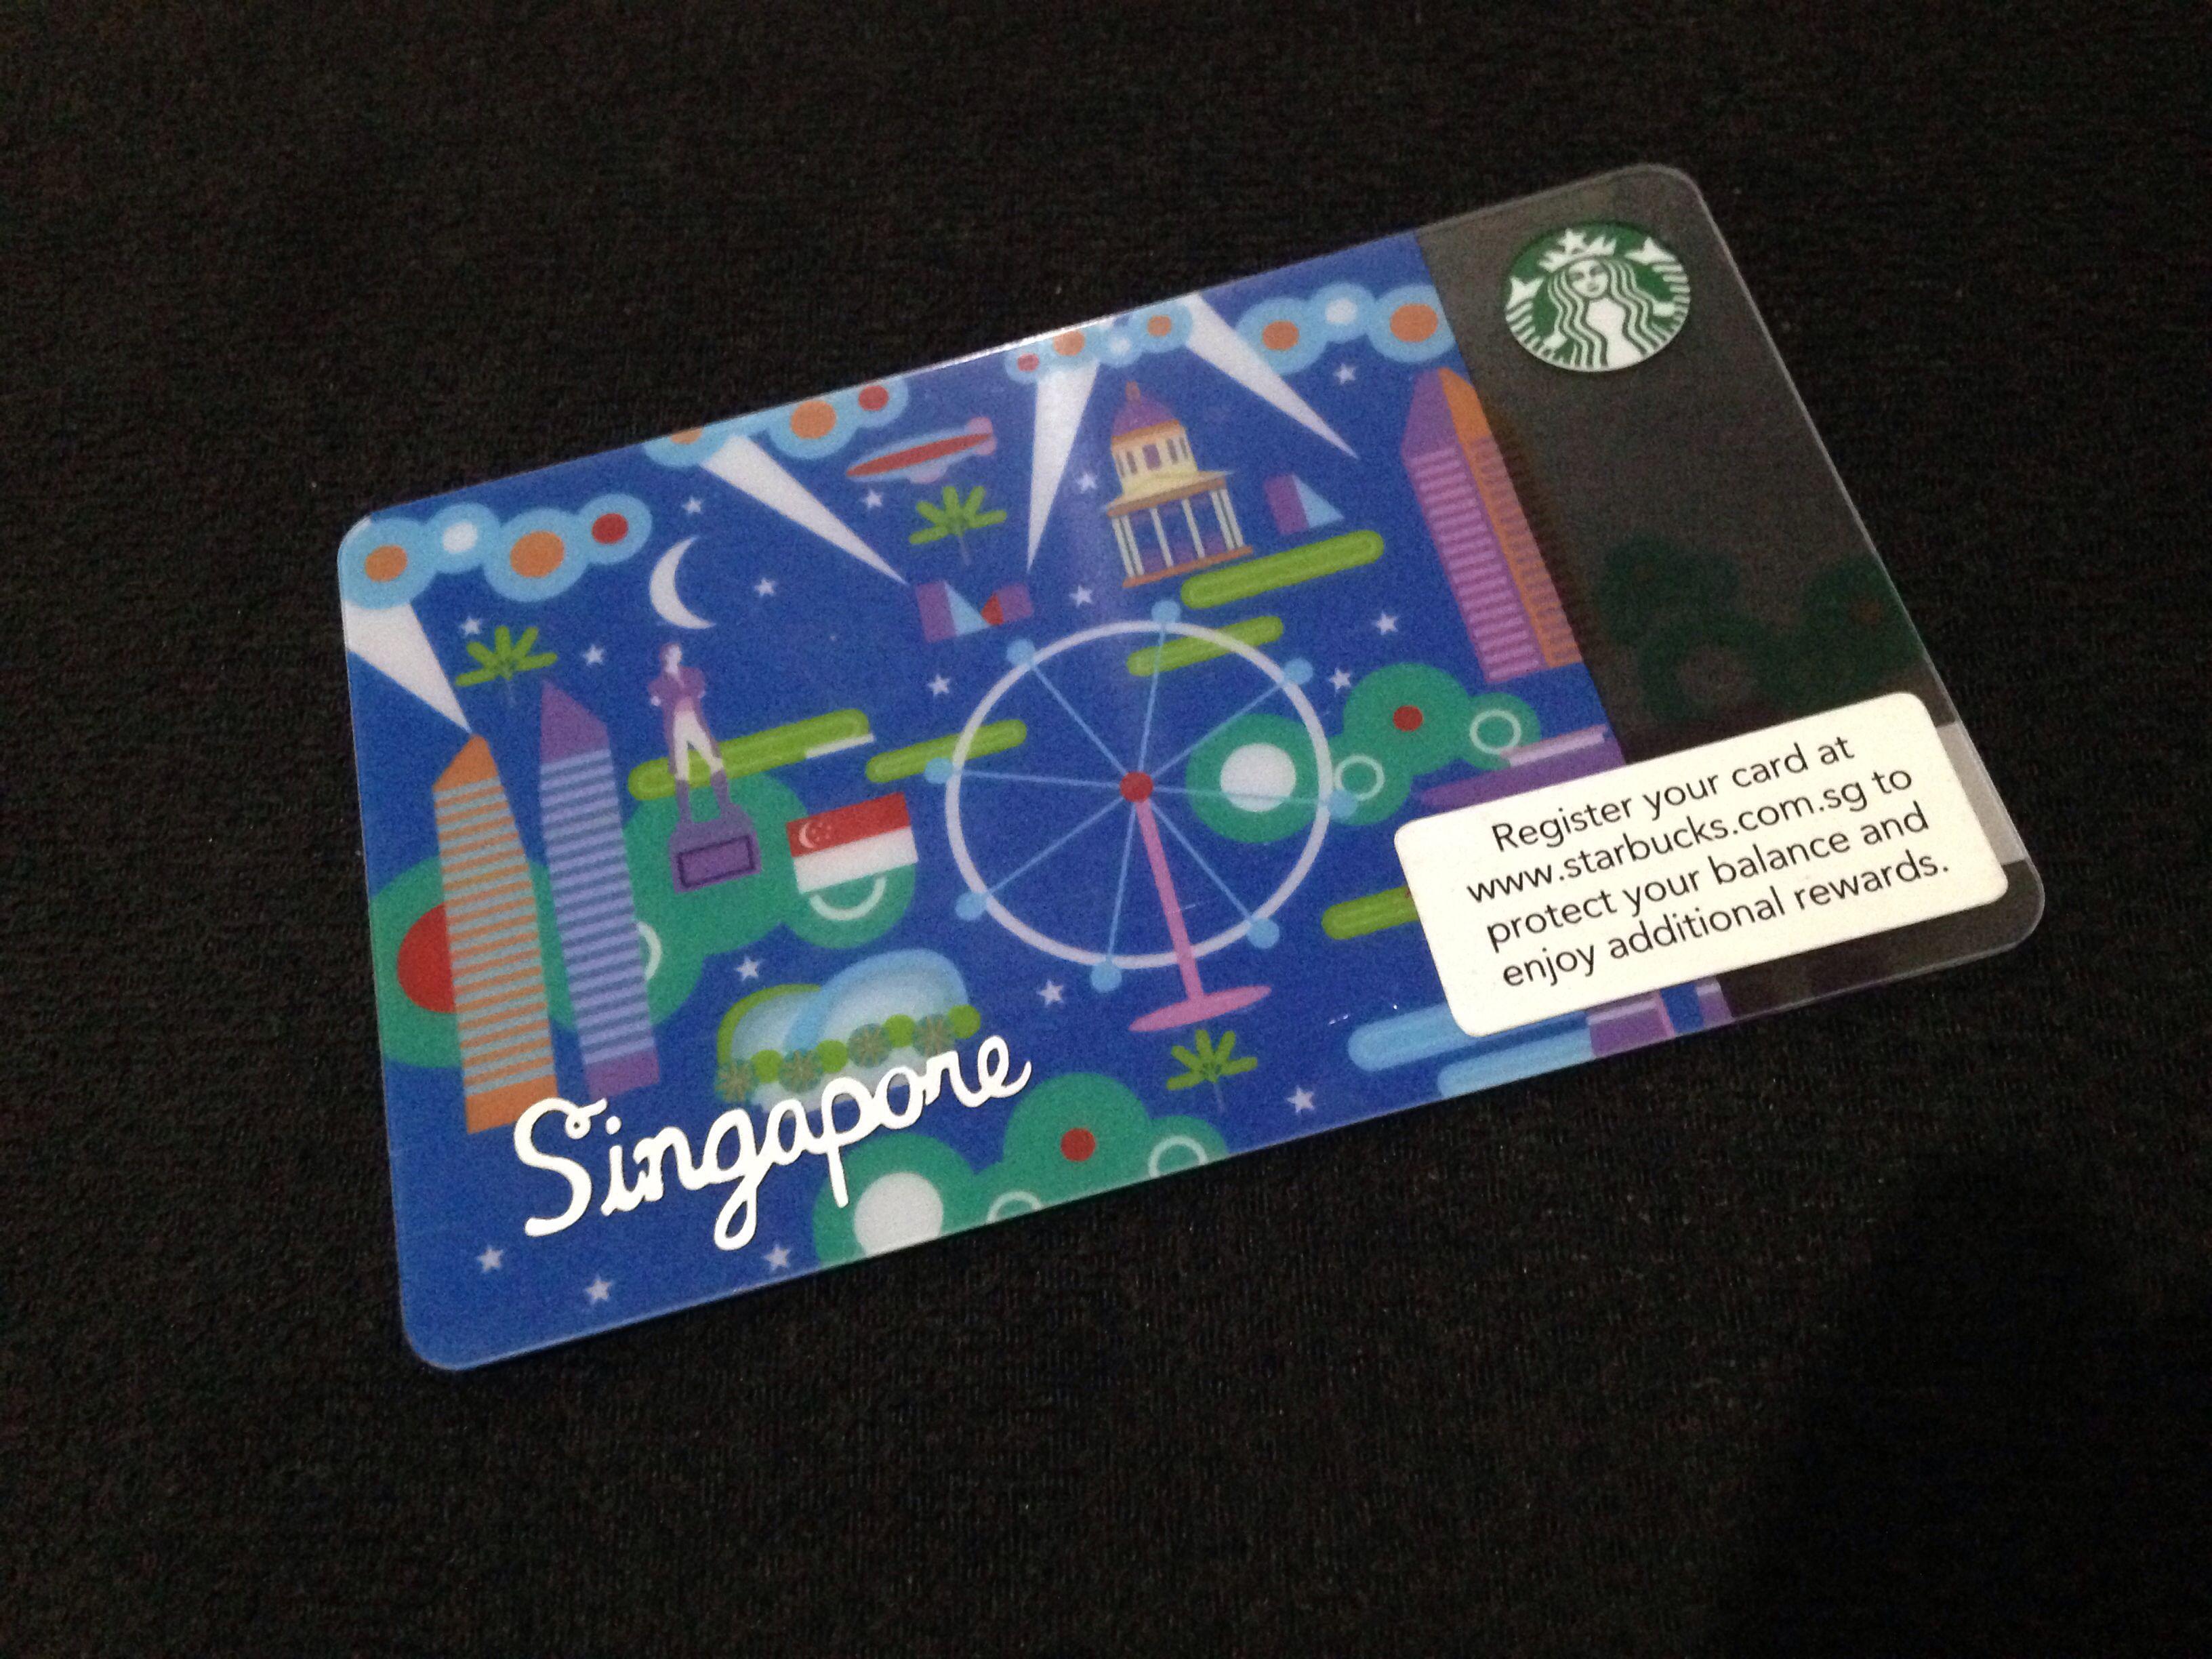 Singapore Starbucks Gift Card Starbucks Gift Card Starbucks Card Starbucks Gift